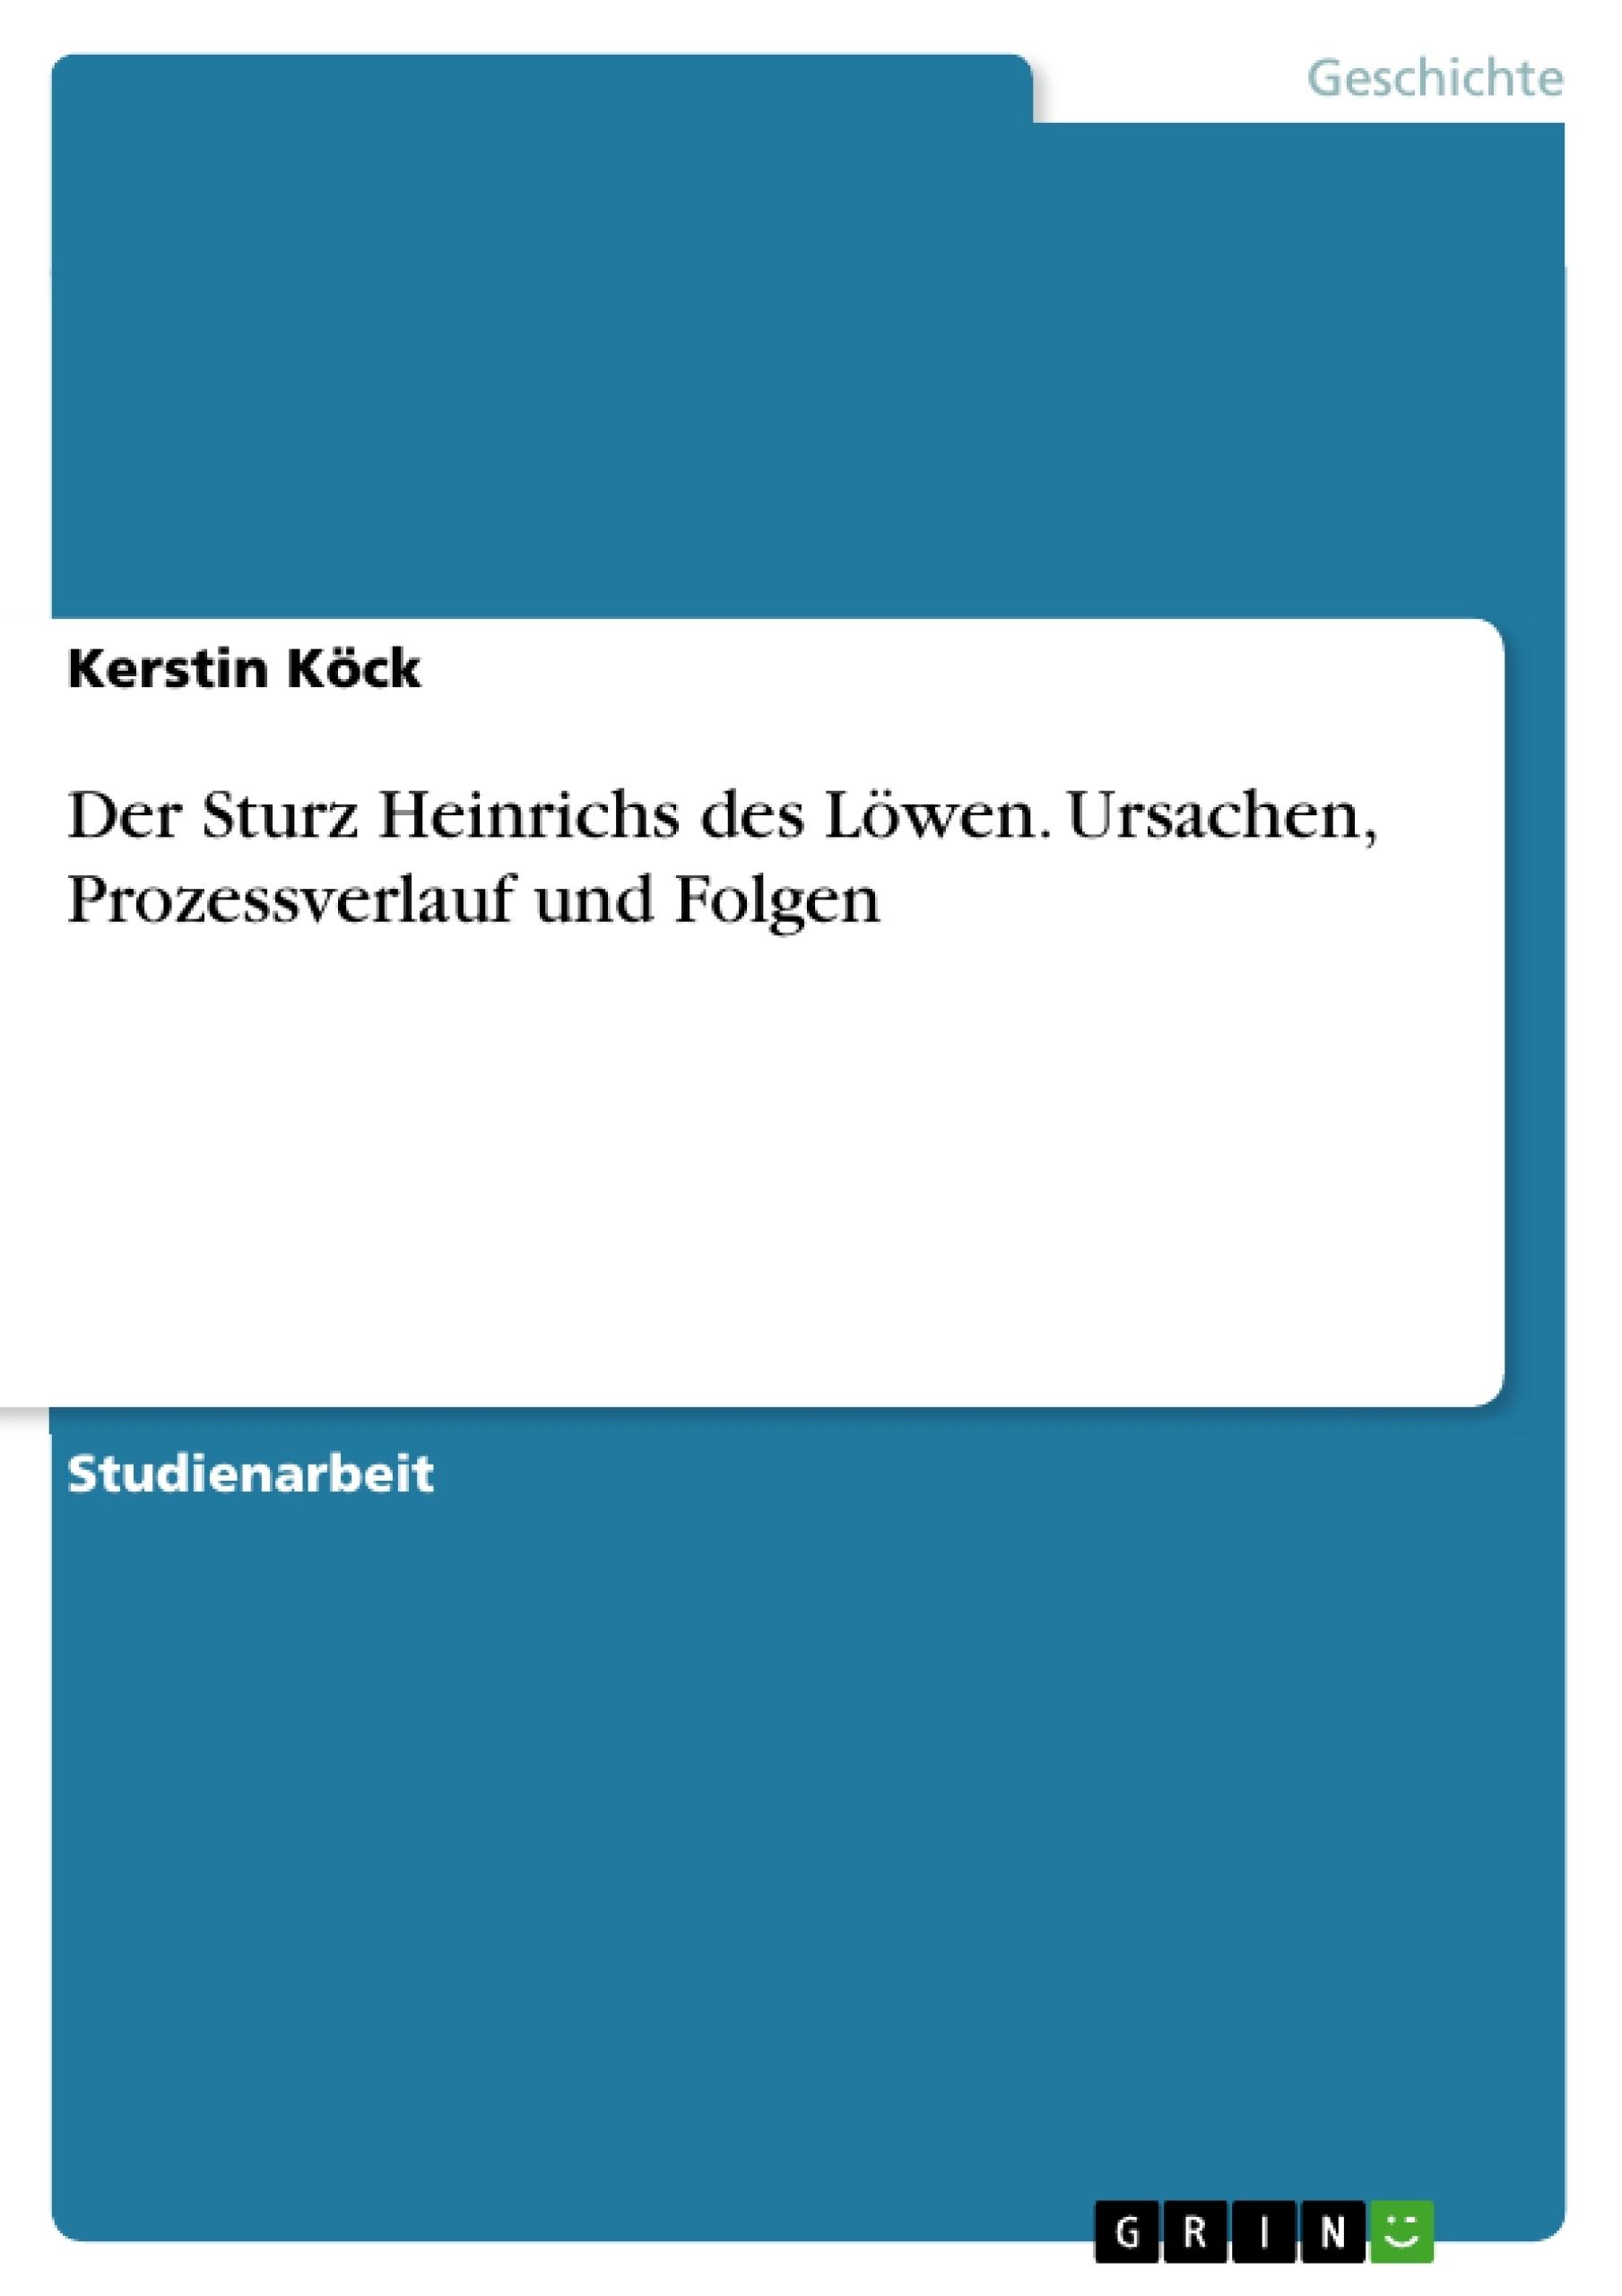 Titel: Der Sturz Heinrichs des Löwen. Ursachen, Prozessverlauf und Folgen